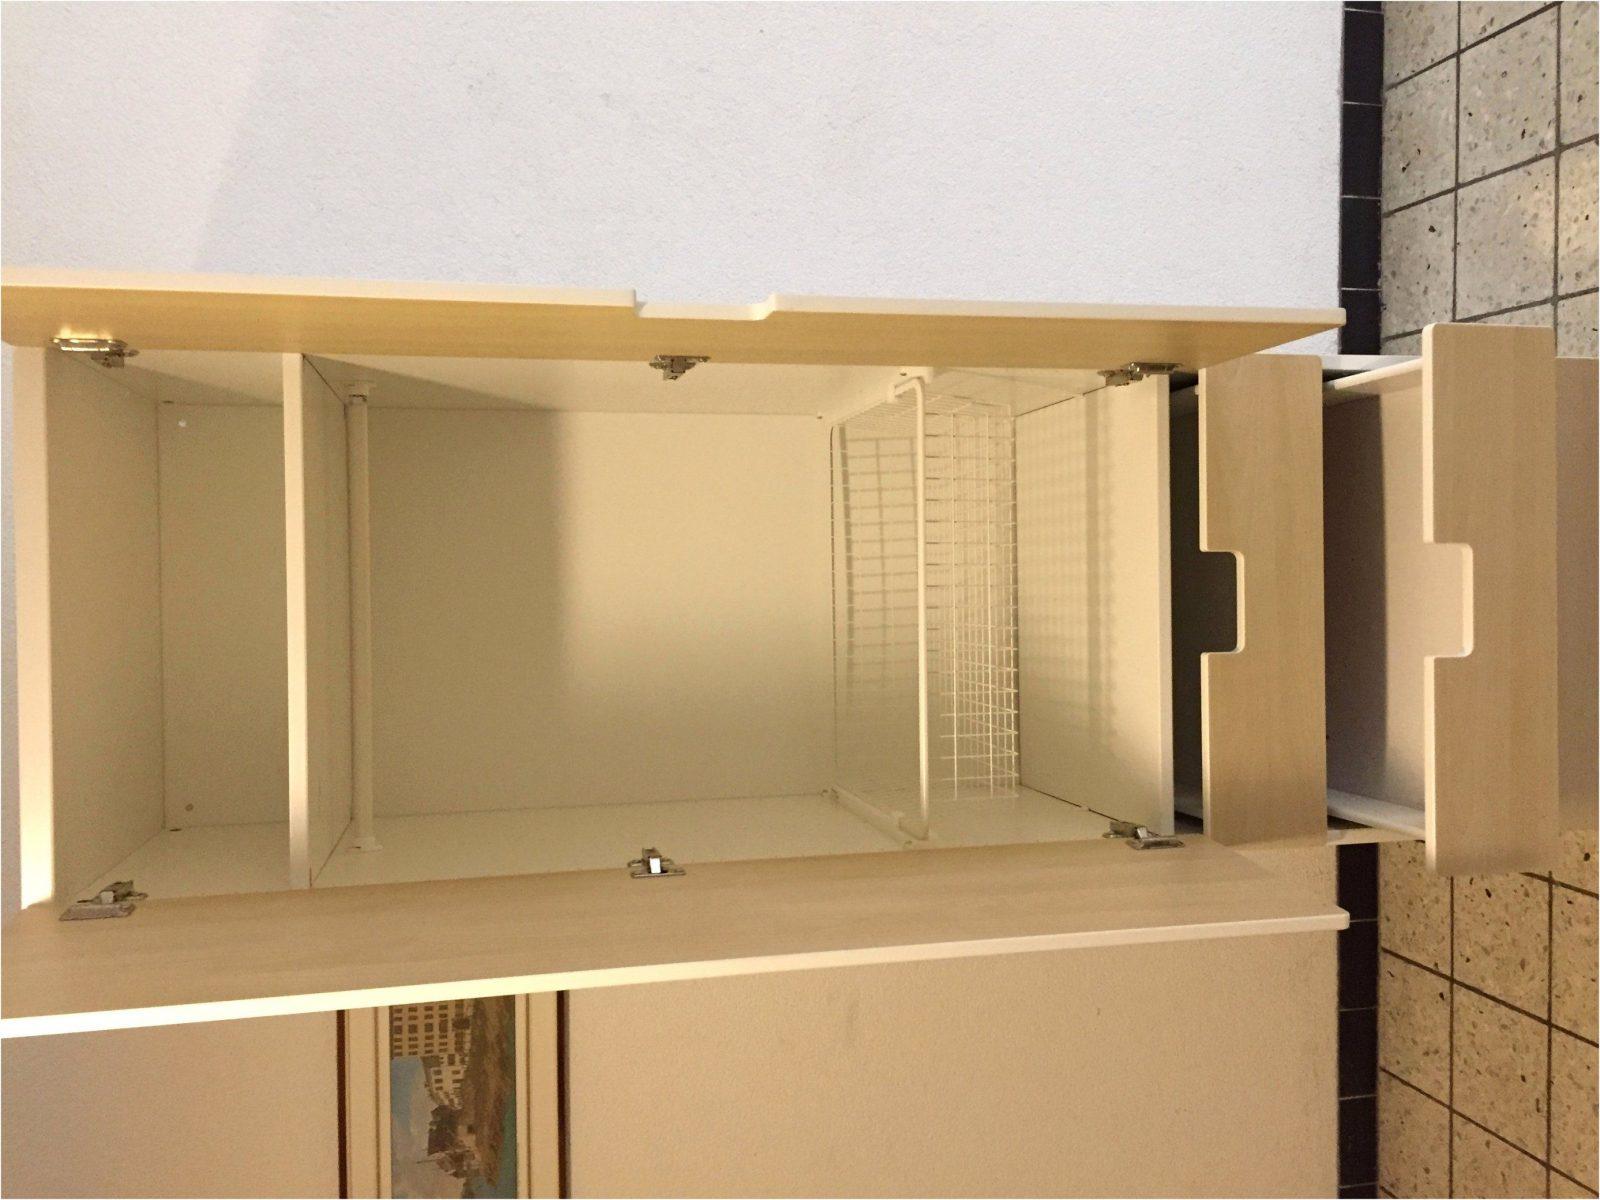 Schrank Unter Treppe Neu Stauraum Unter Treppe Ikea Gallery Die Avec von Schrank Unter Treppe Ikea Bild